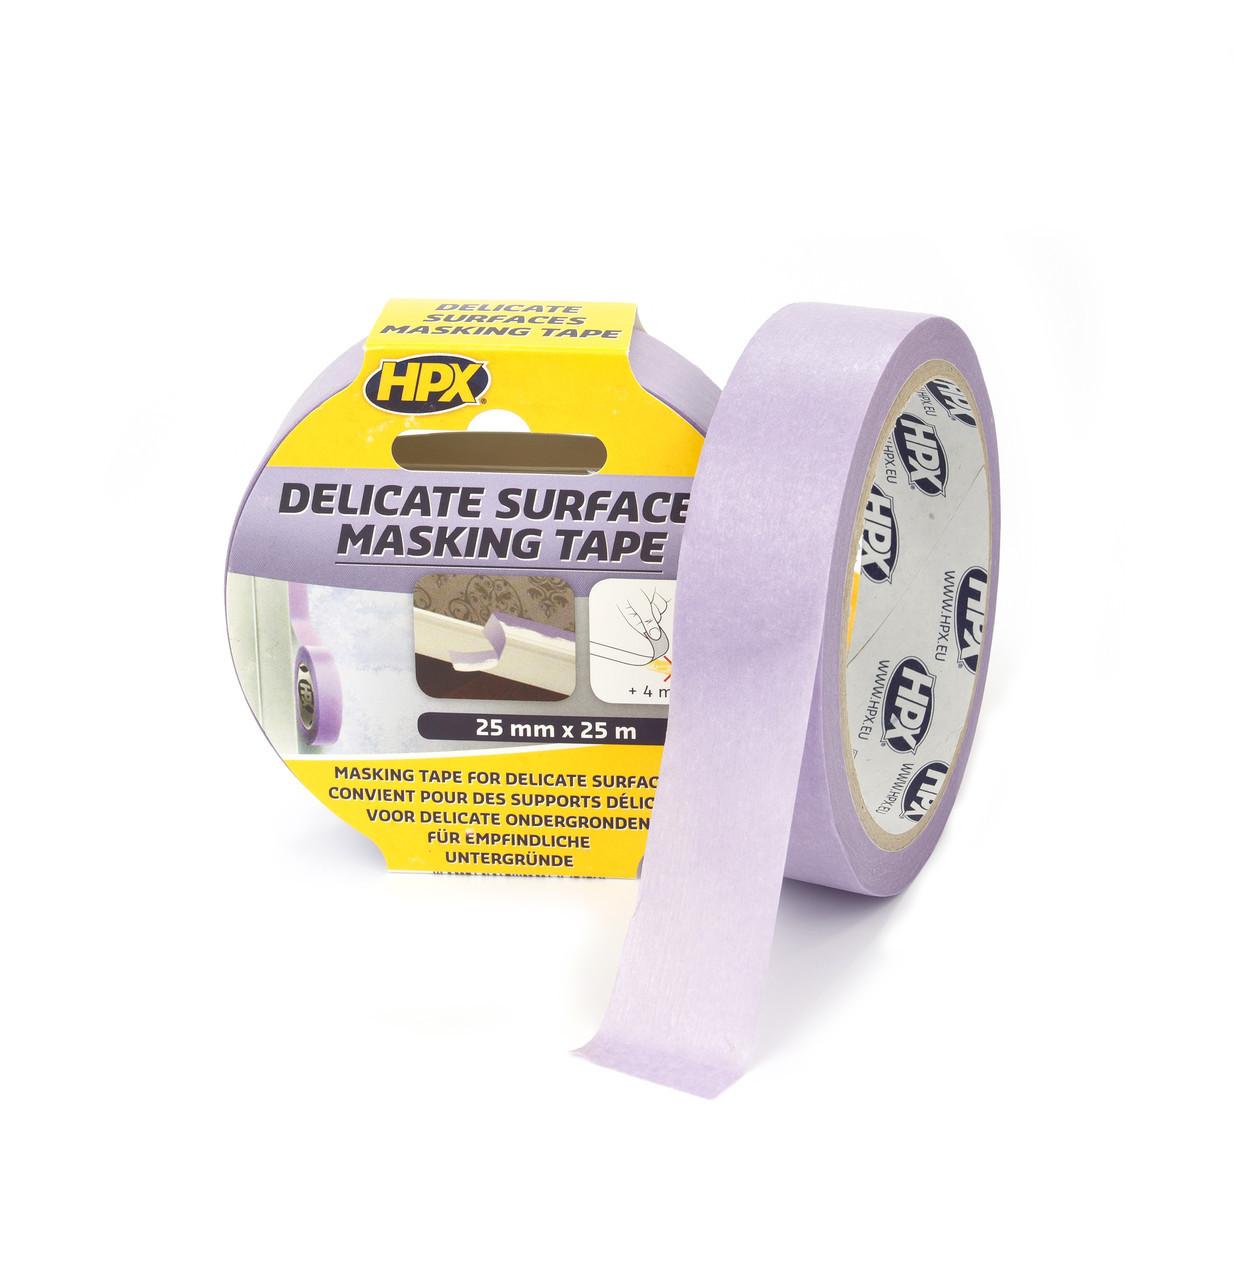 Маскувальна стрічка (скотч) для делікатних поверхонь і чітких контурів Безпечне зняття 25 мм х 25 м. HPX